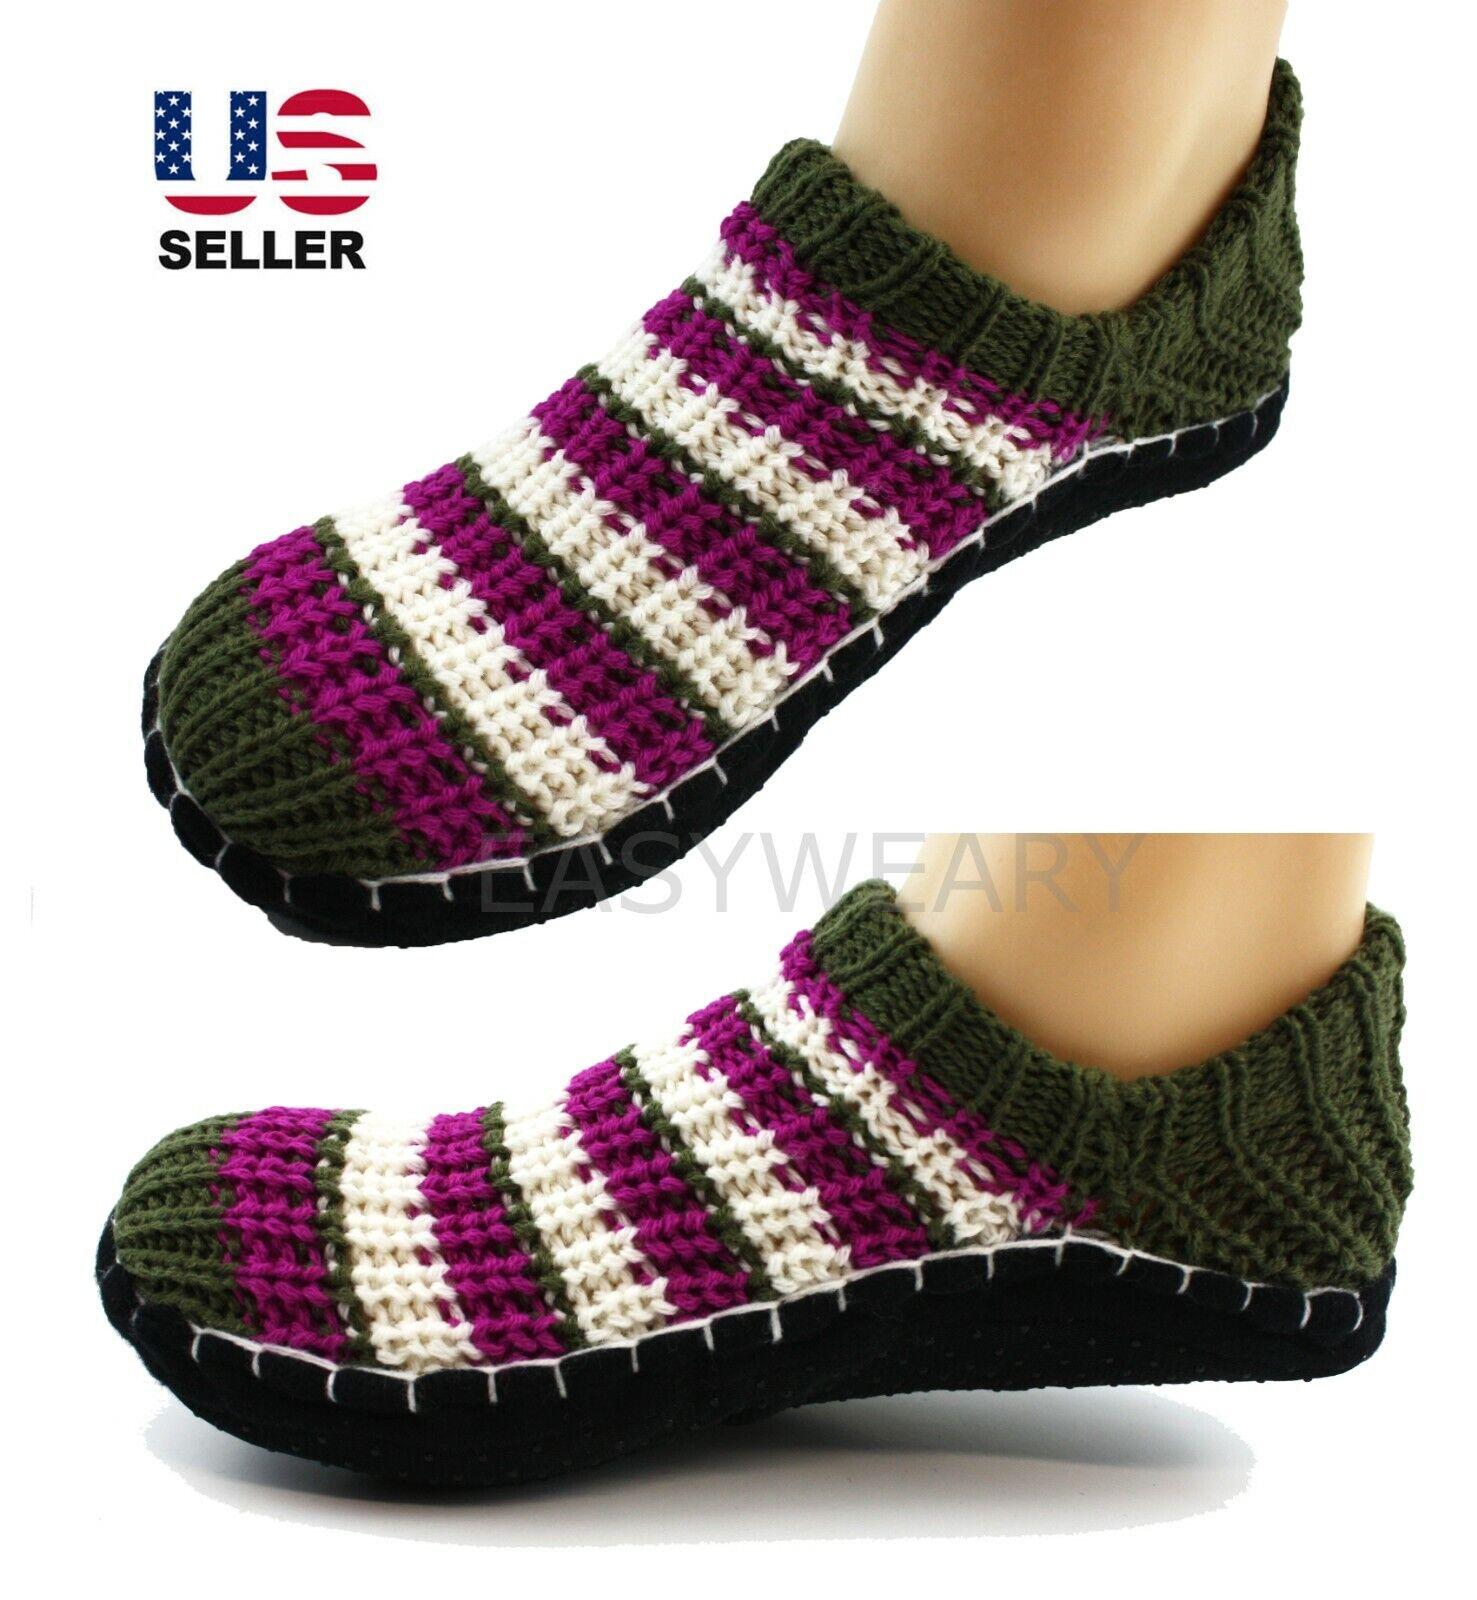 Women's Knit Ankle Slipper Socks Non-Slip Cushioned Winter H